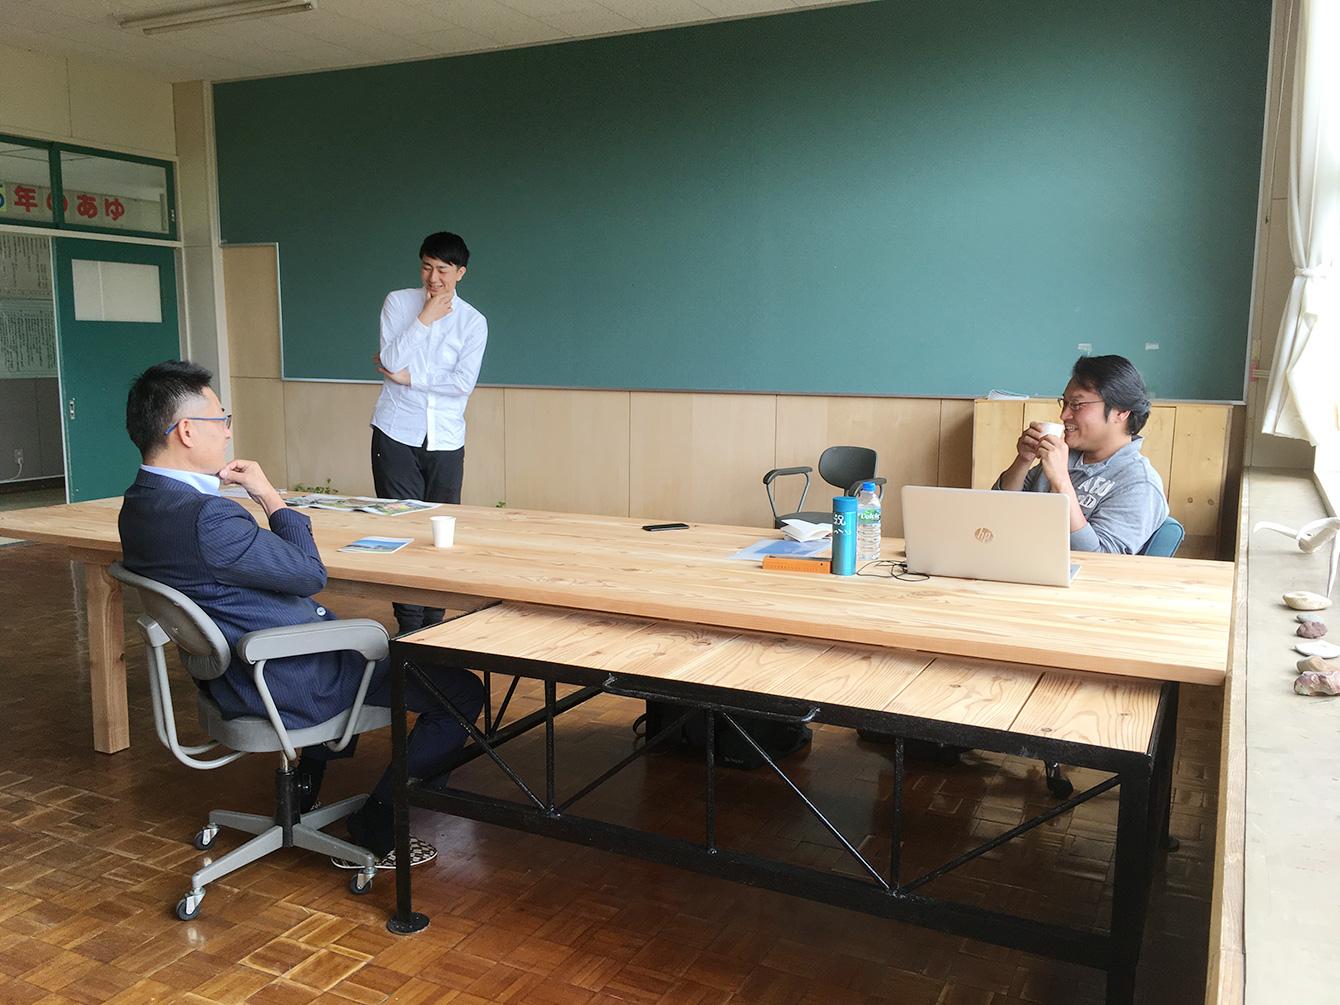 教室に置かれているカラマツで作られたテーブルを囲んでの談笑風景。